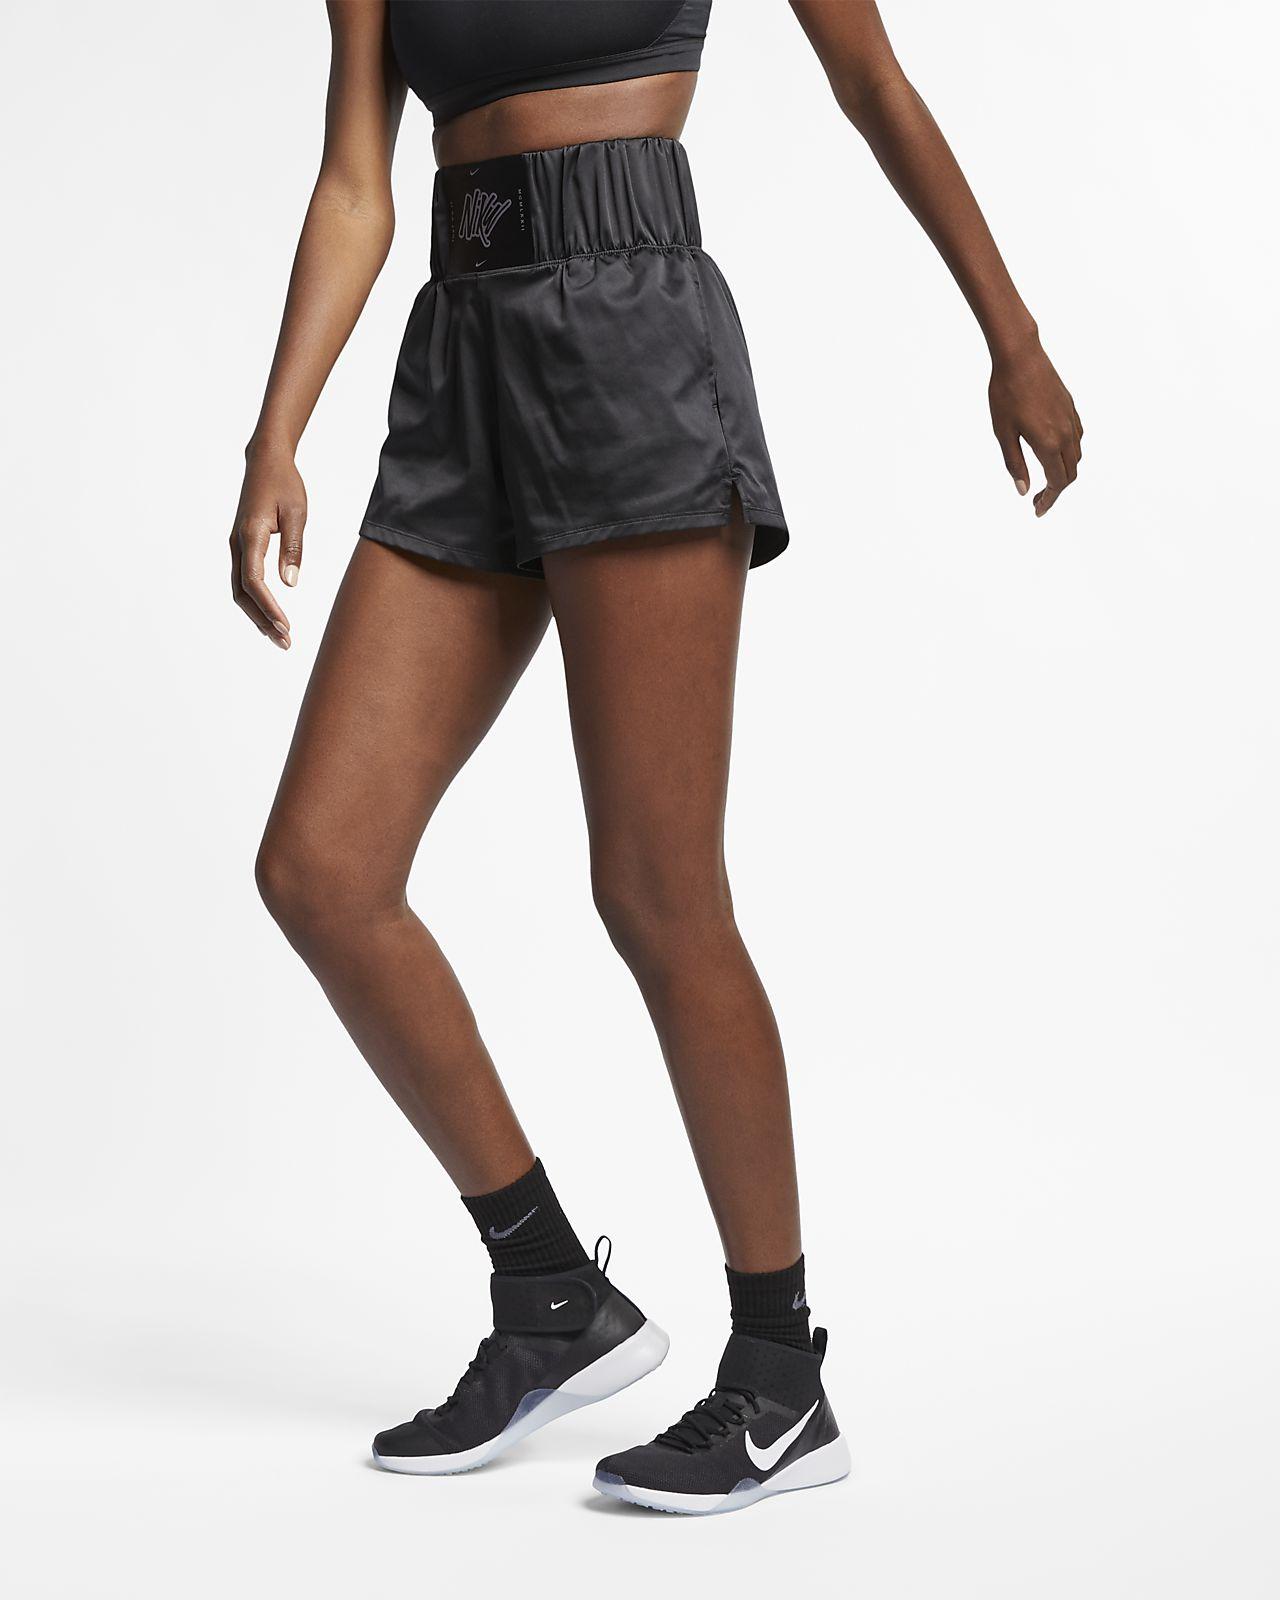 7c90eb8d683e Nike Dri-FIT Women's Training Shorts. Nike.com